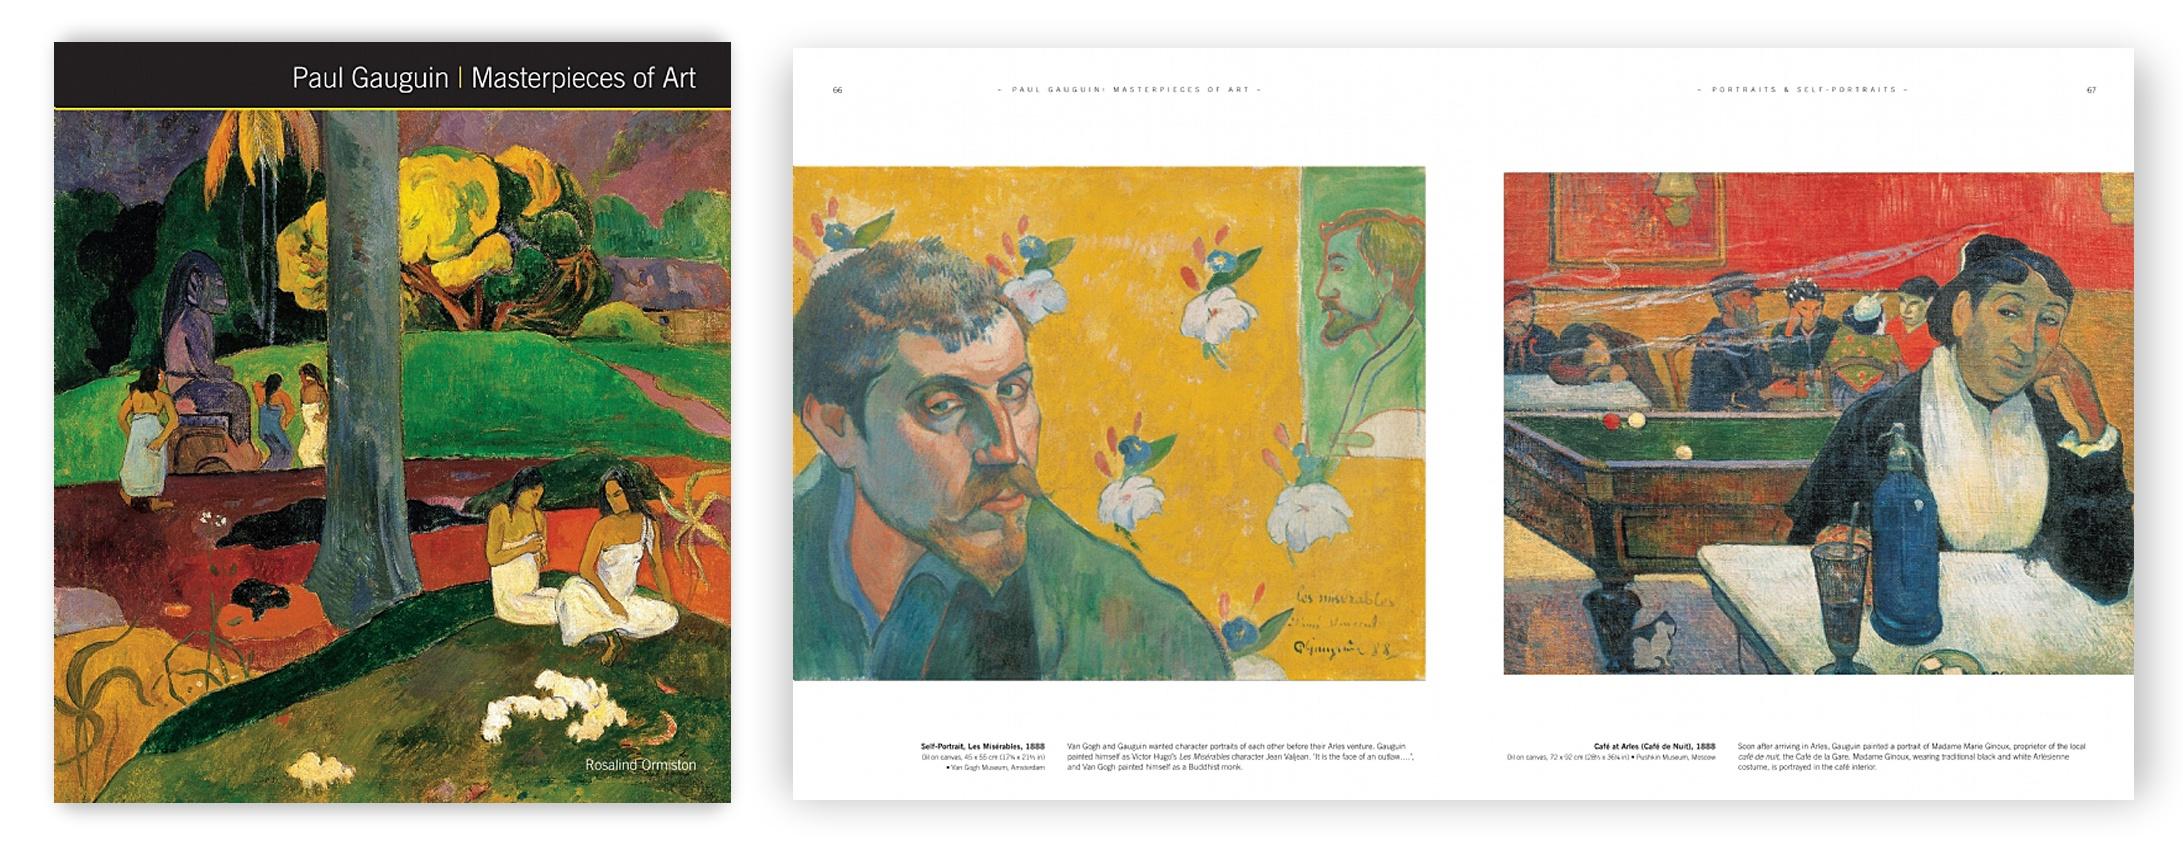 gauguin- Masterpieces of Art w- Spread